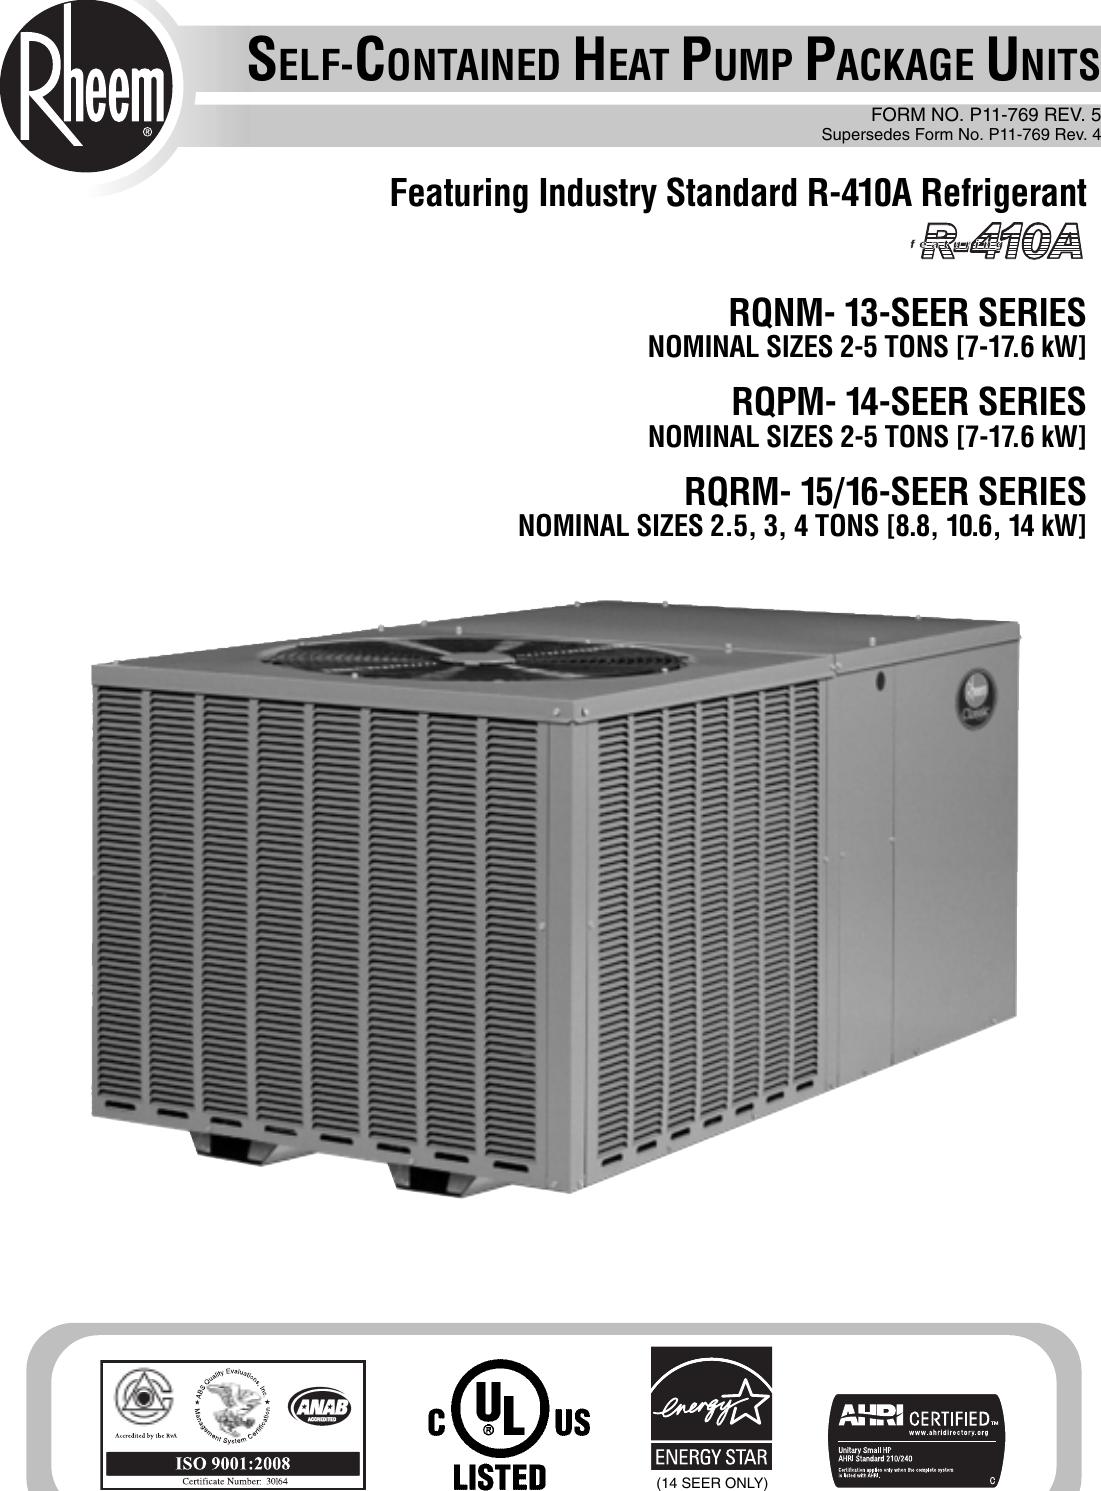 rheem heat pump manual pdf